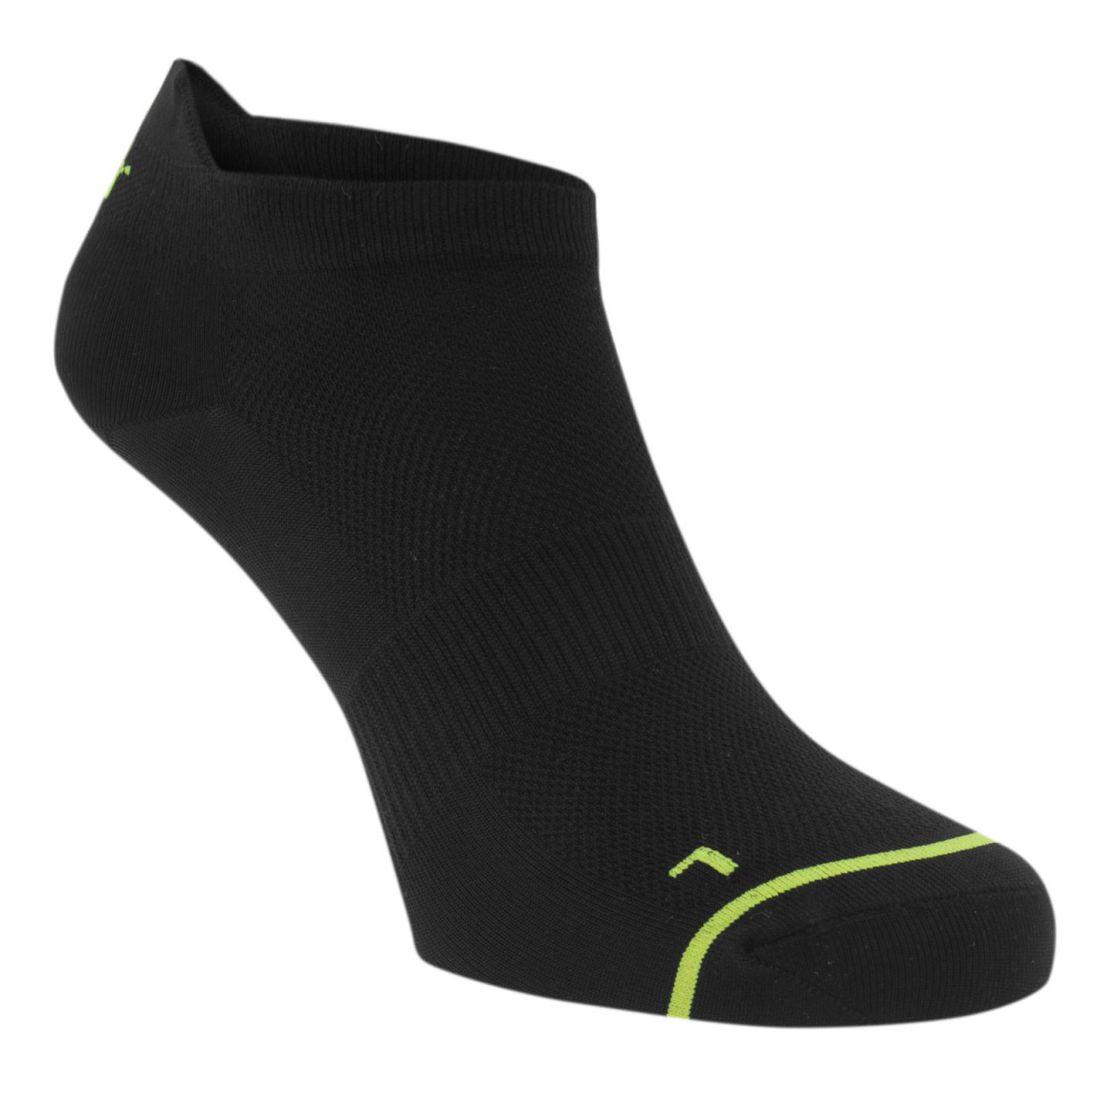 1x Karrimor Gents Mens Super Lite Running Trainer Socks Anti Odour Ankle Pair